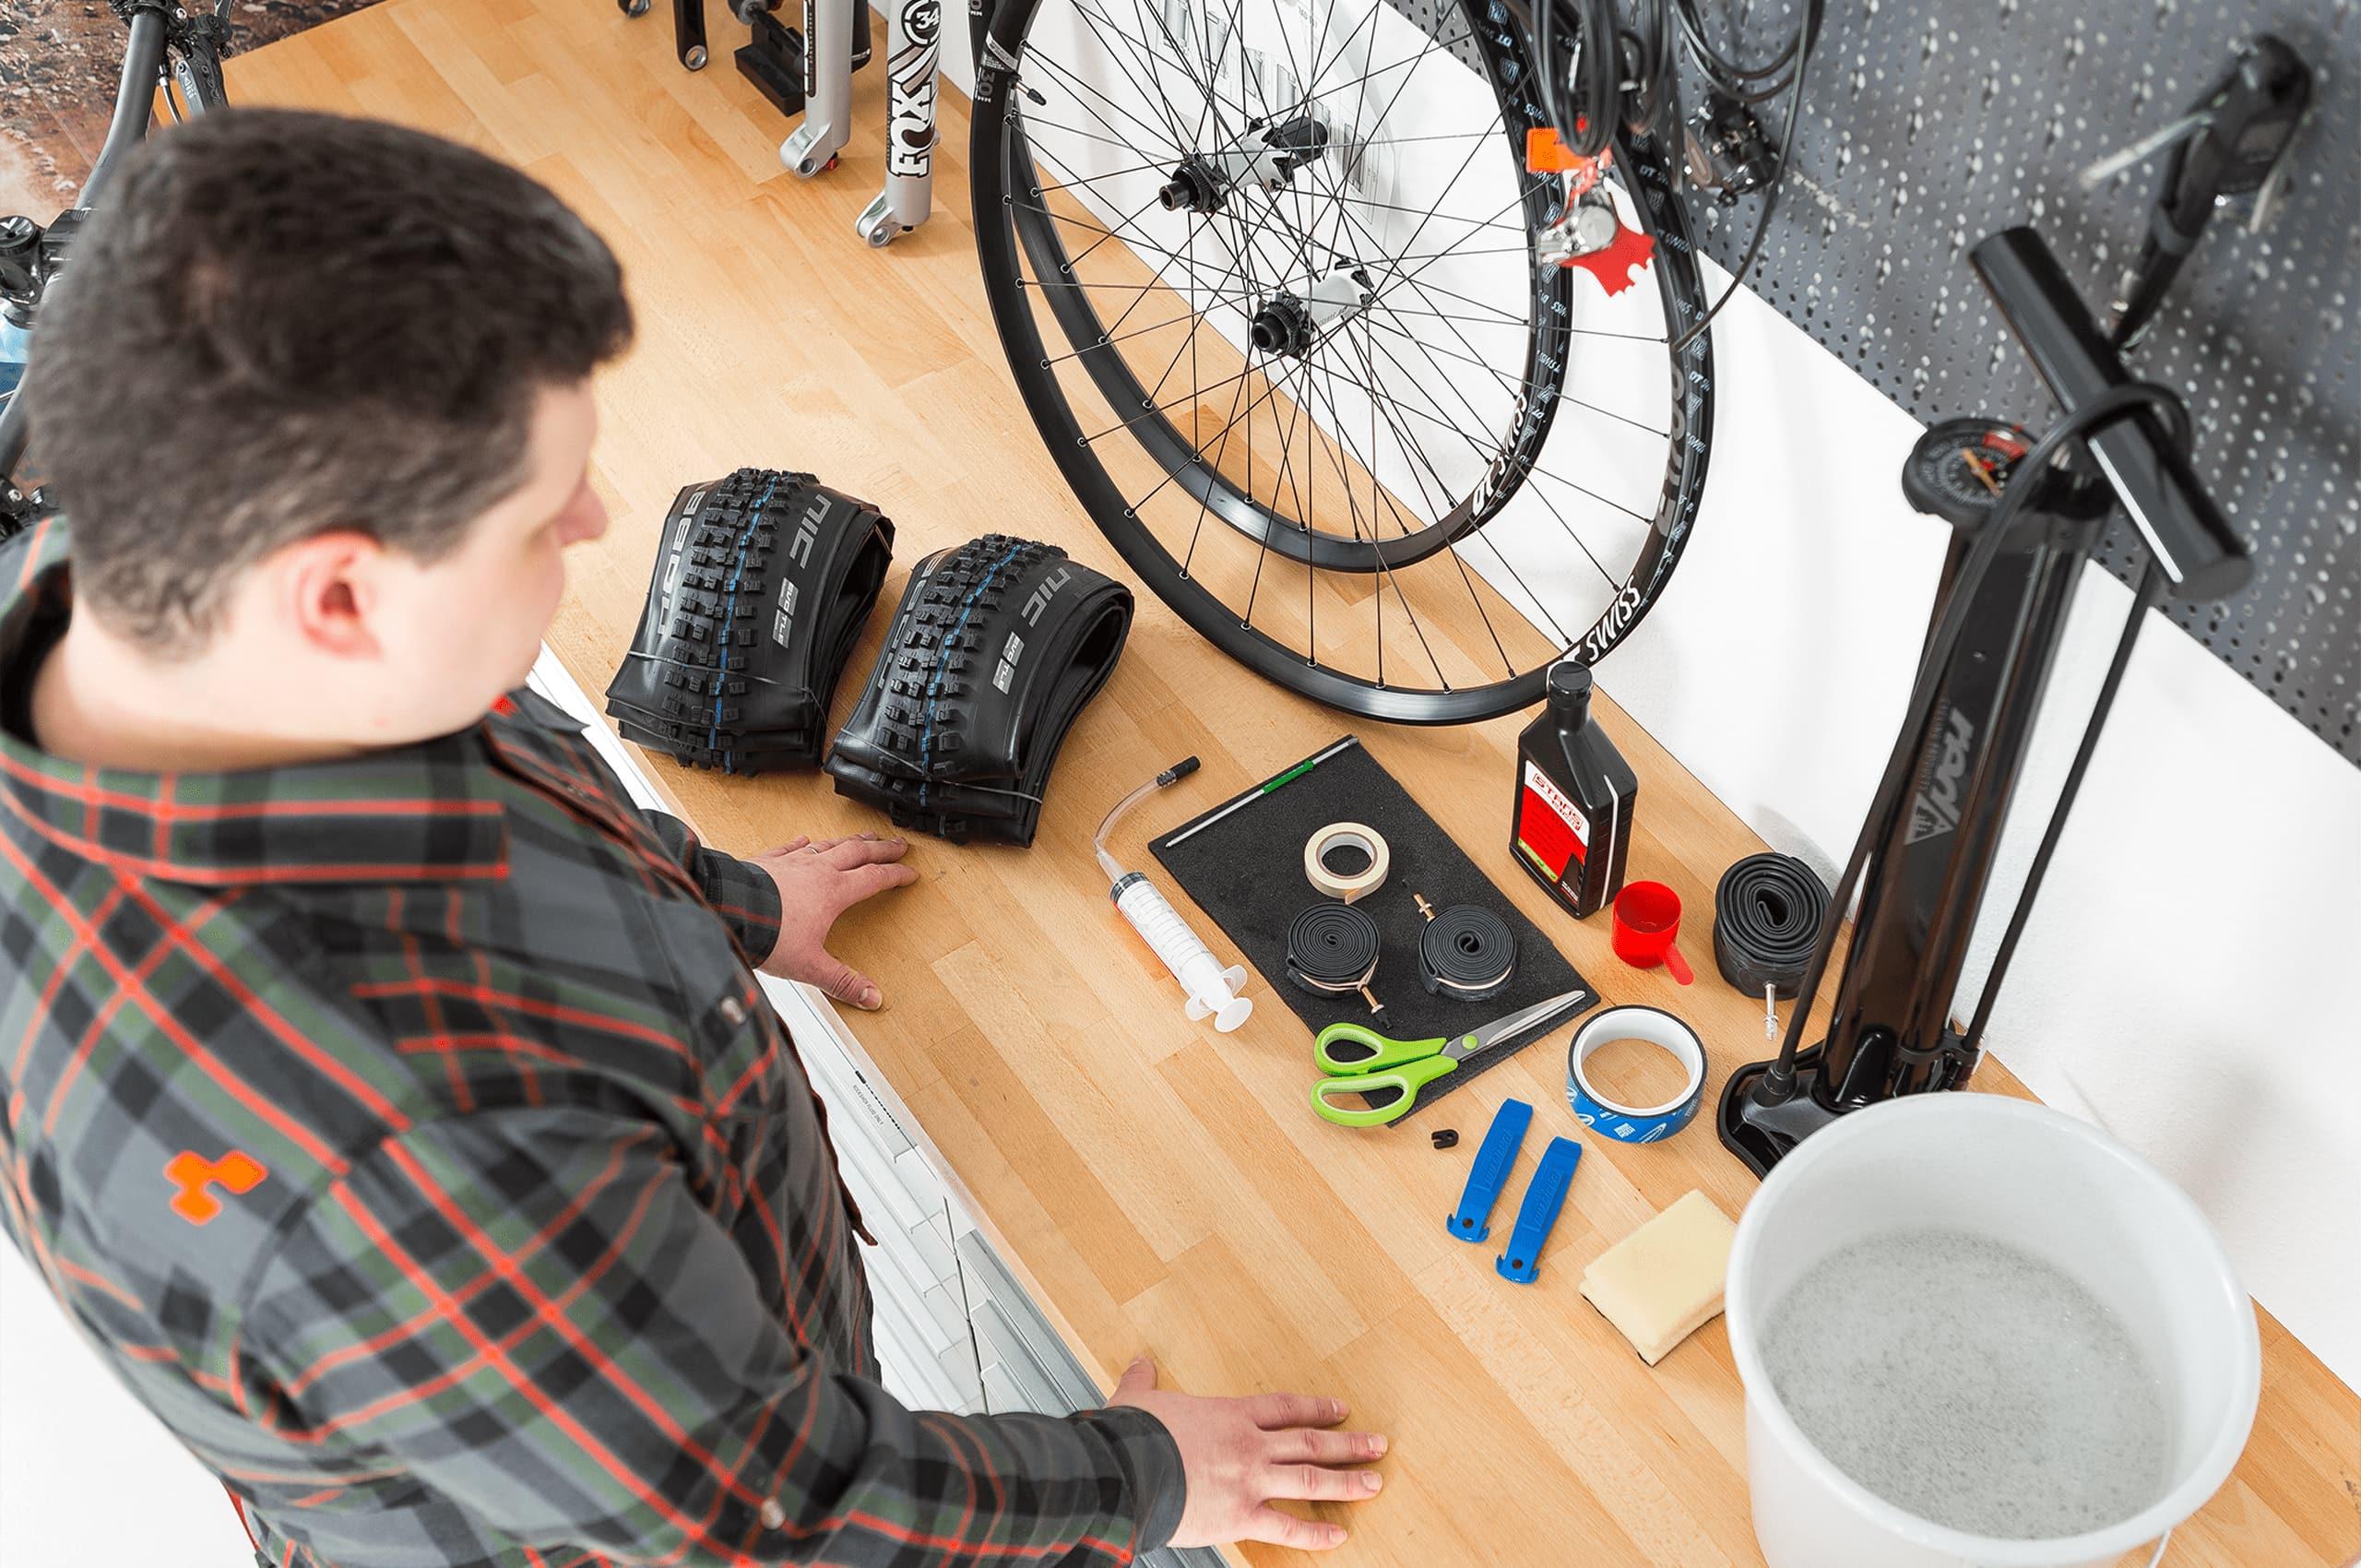 Die benötigte Ausrütung für die Umrüstung auf einen Tubeless Reifen